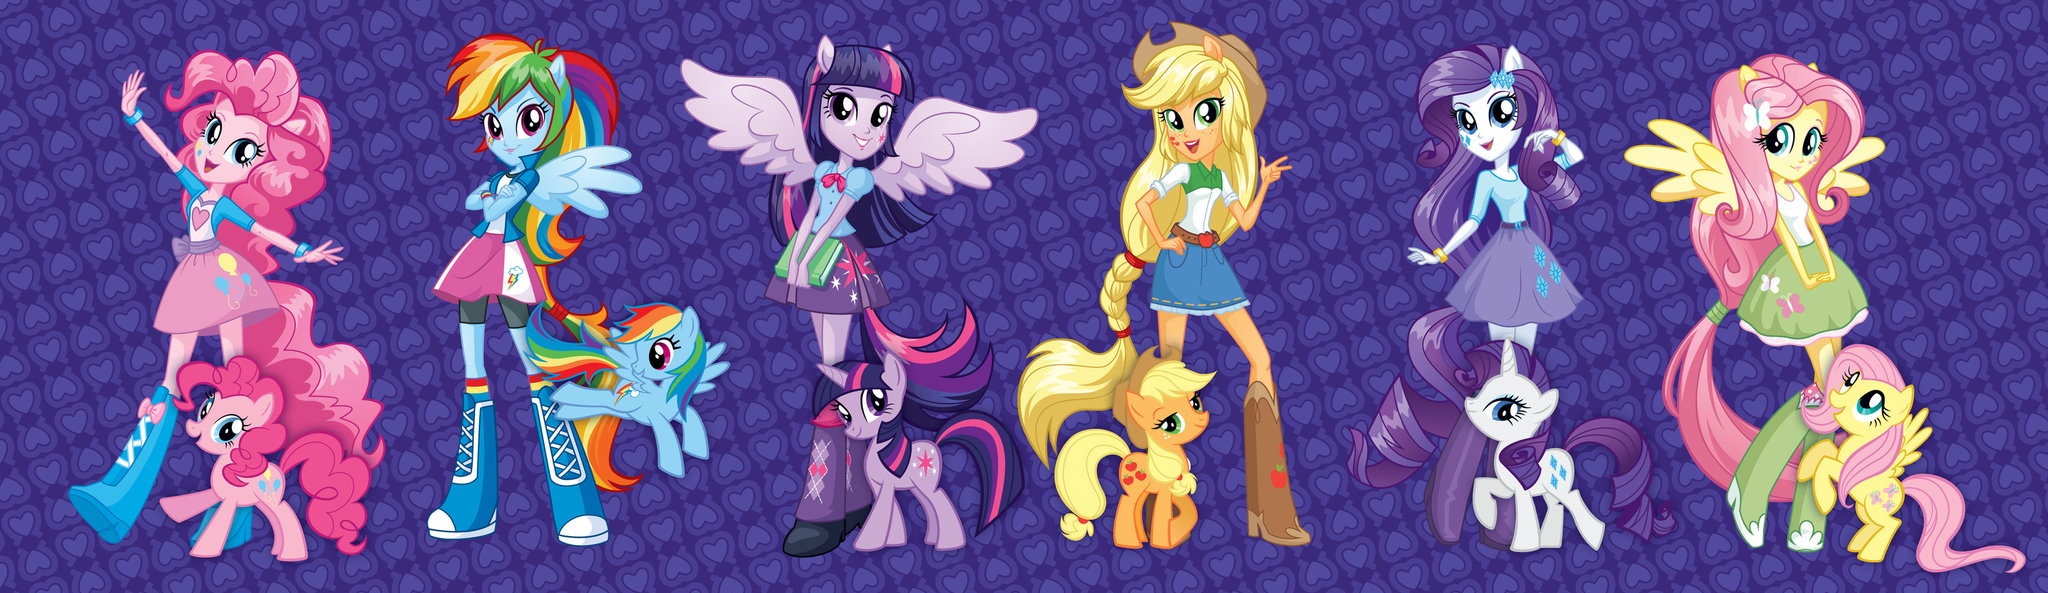 My Little Pony Equestria Girls Wiki